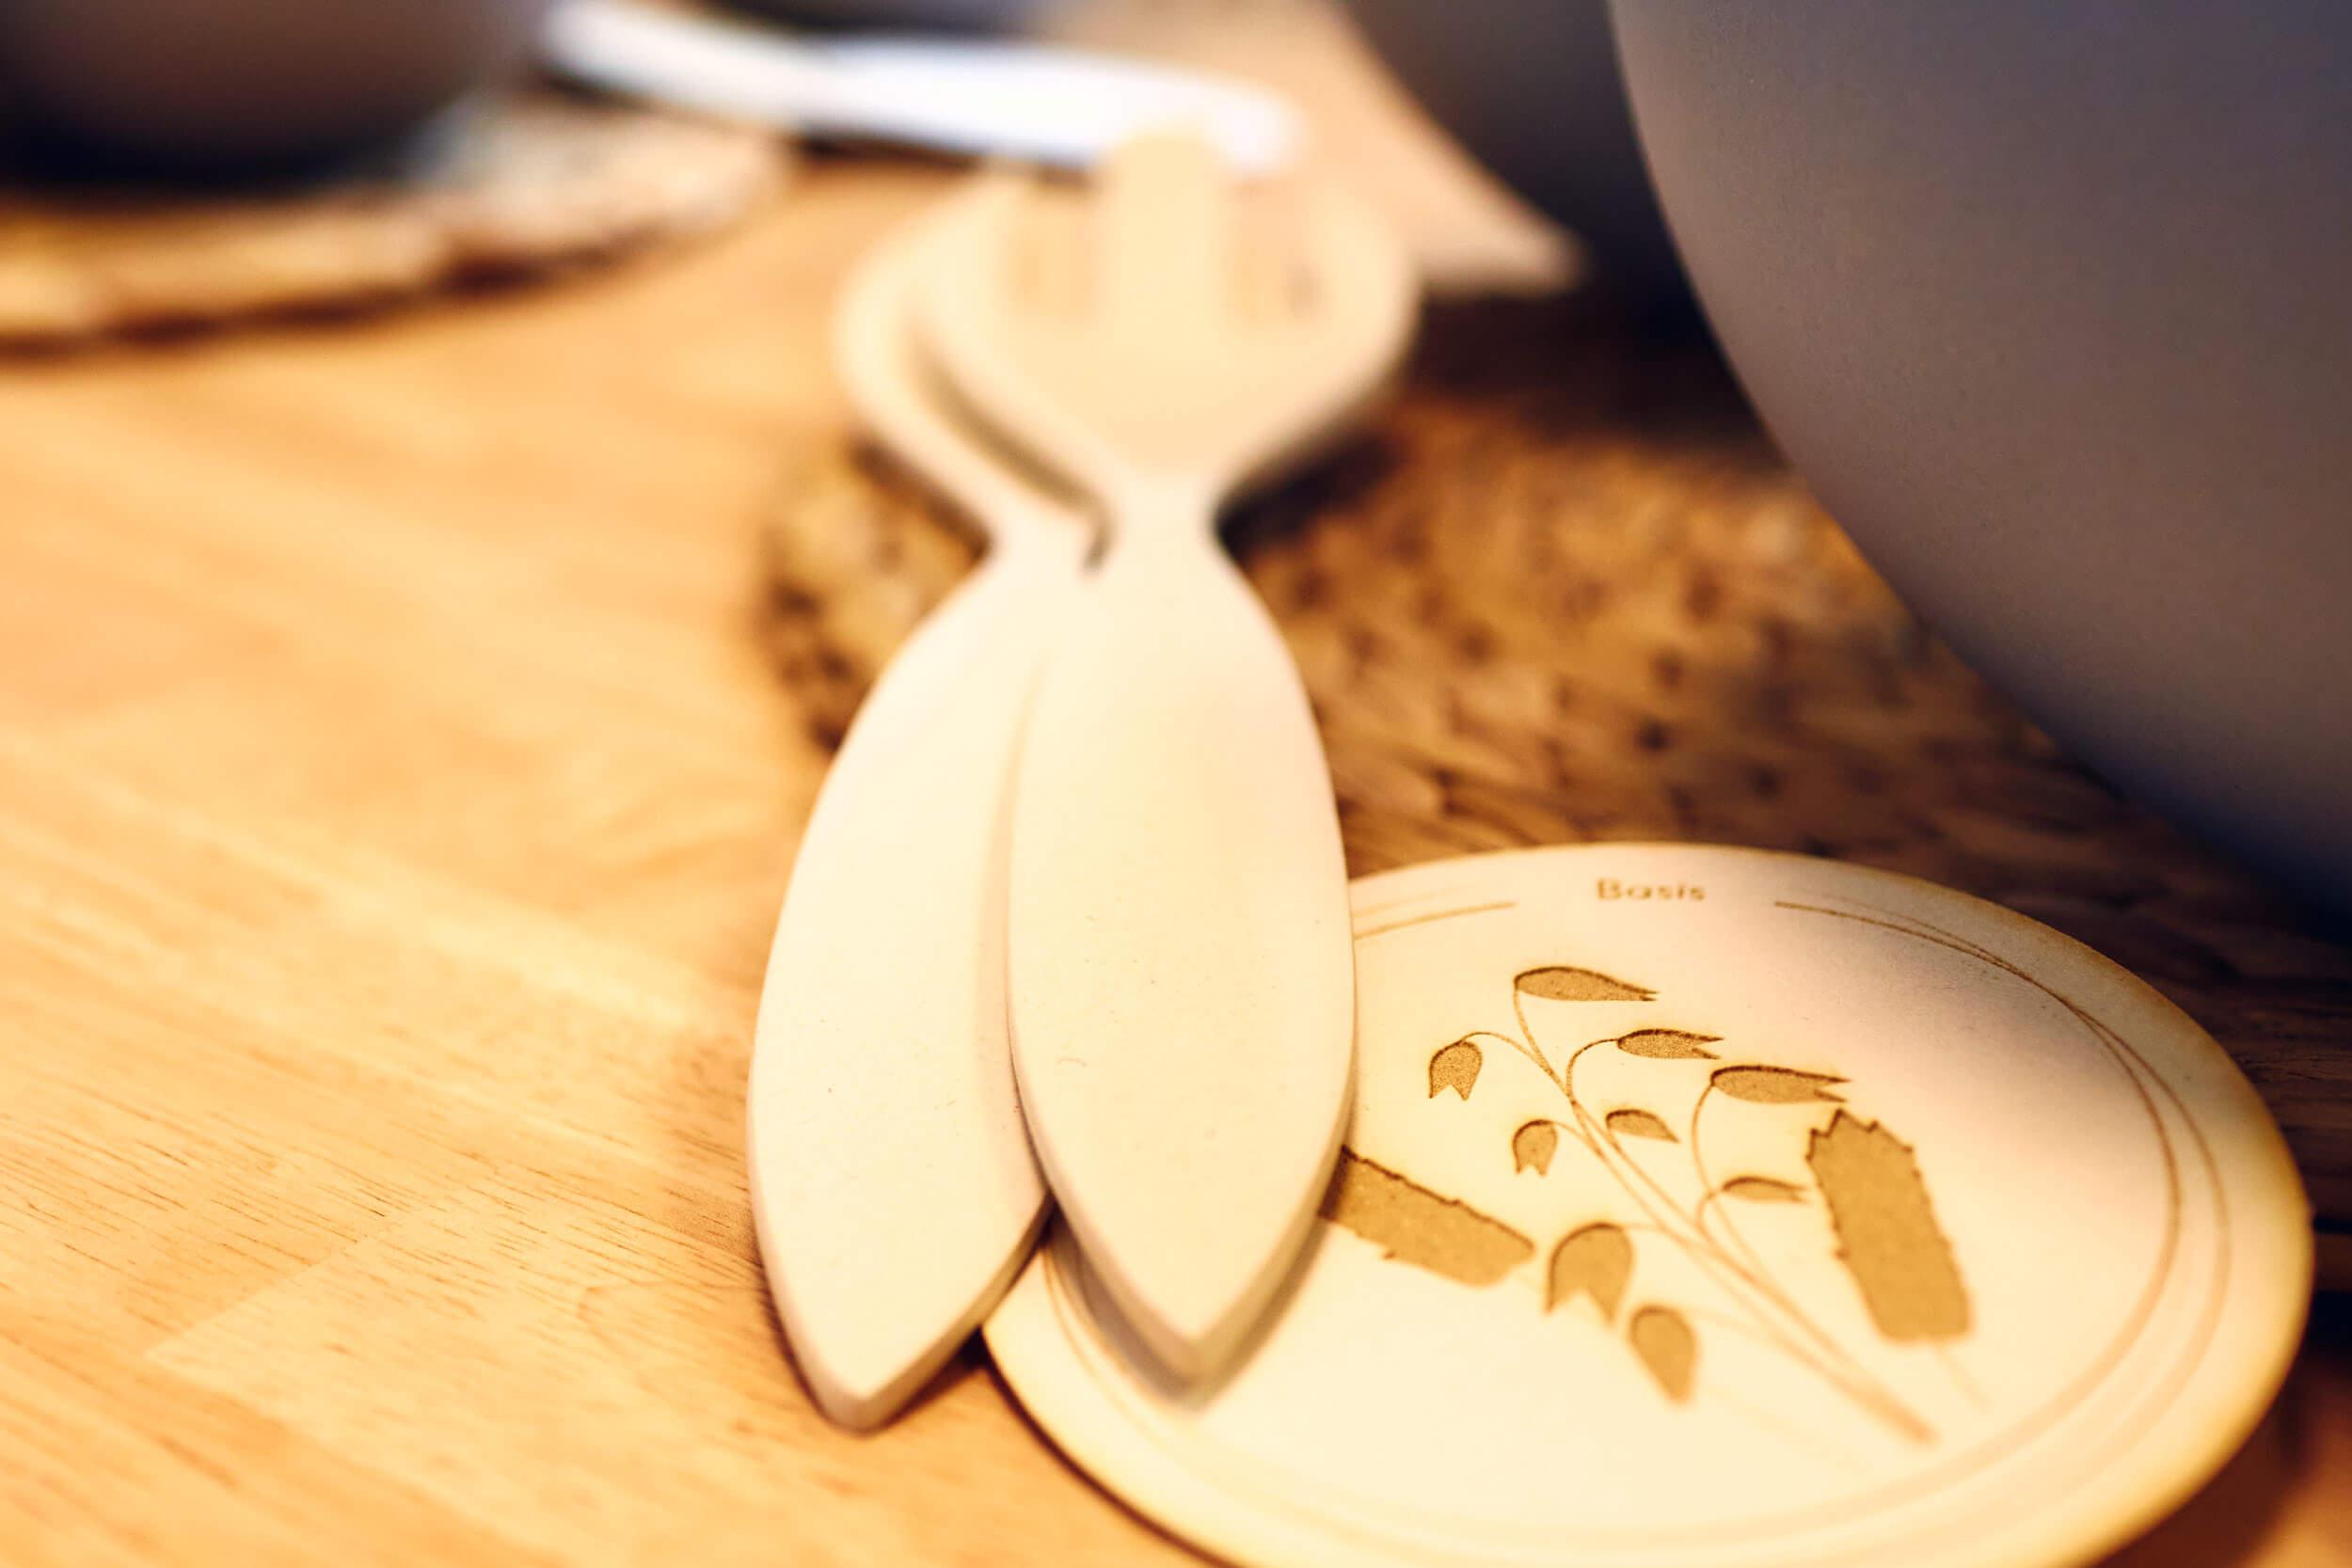 Zwei Holzlöffel liegen auf einem Tisch neben einer Bowl